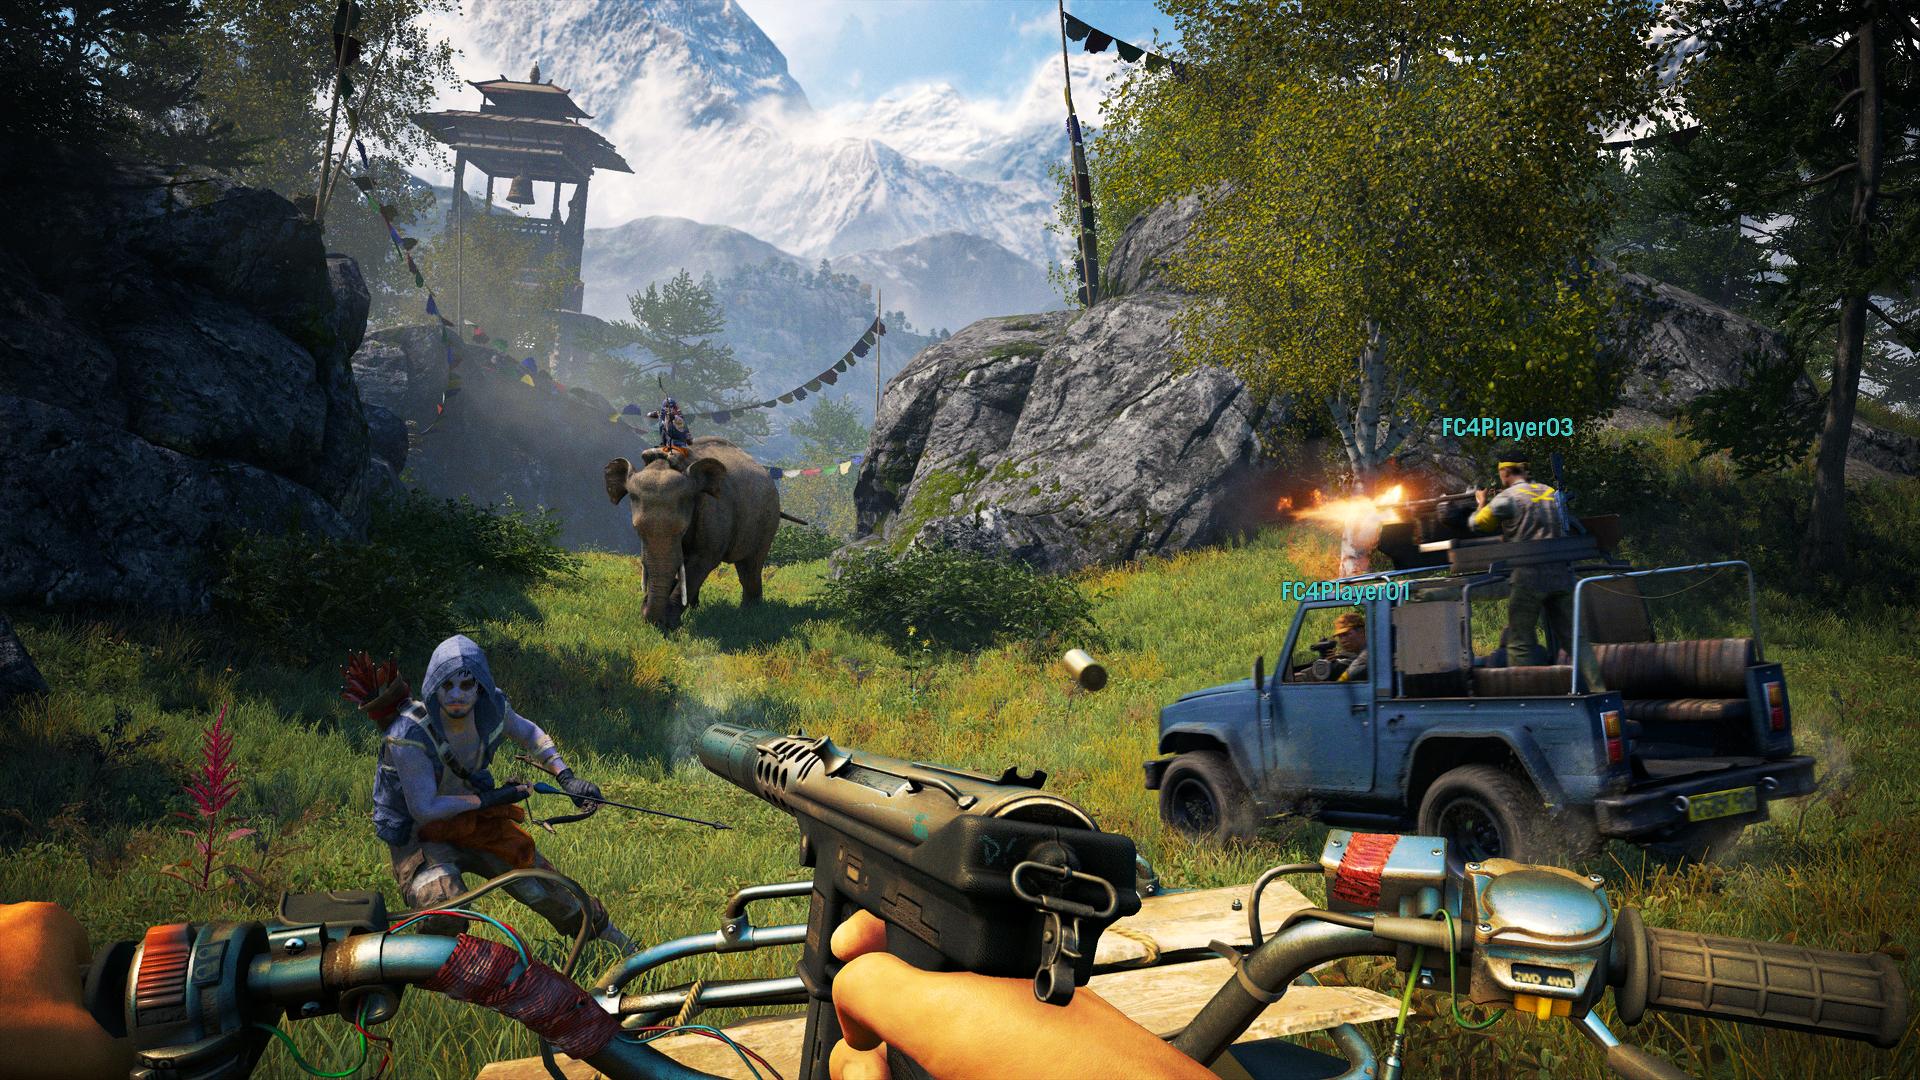 Ještě obrázky z multiplayeru Far Cry 4 101857